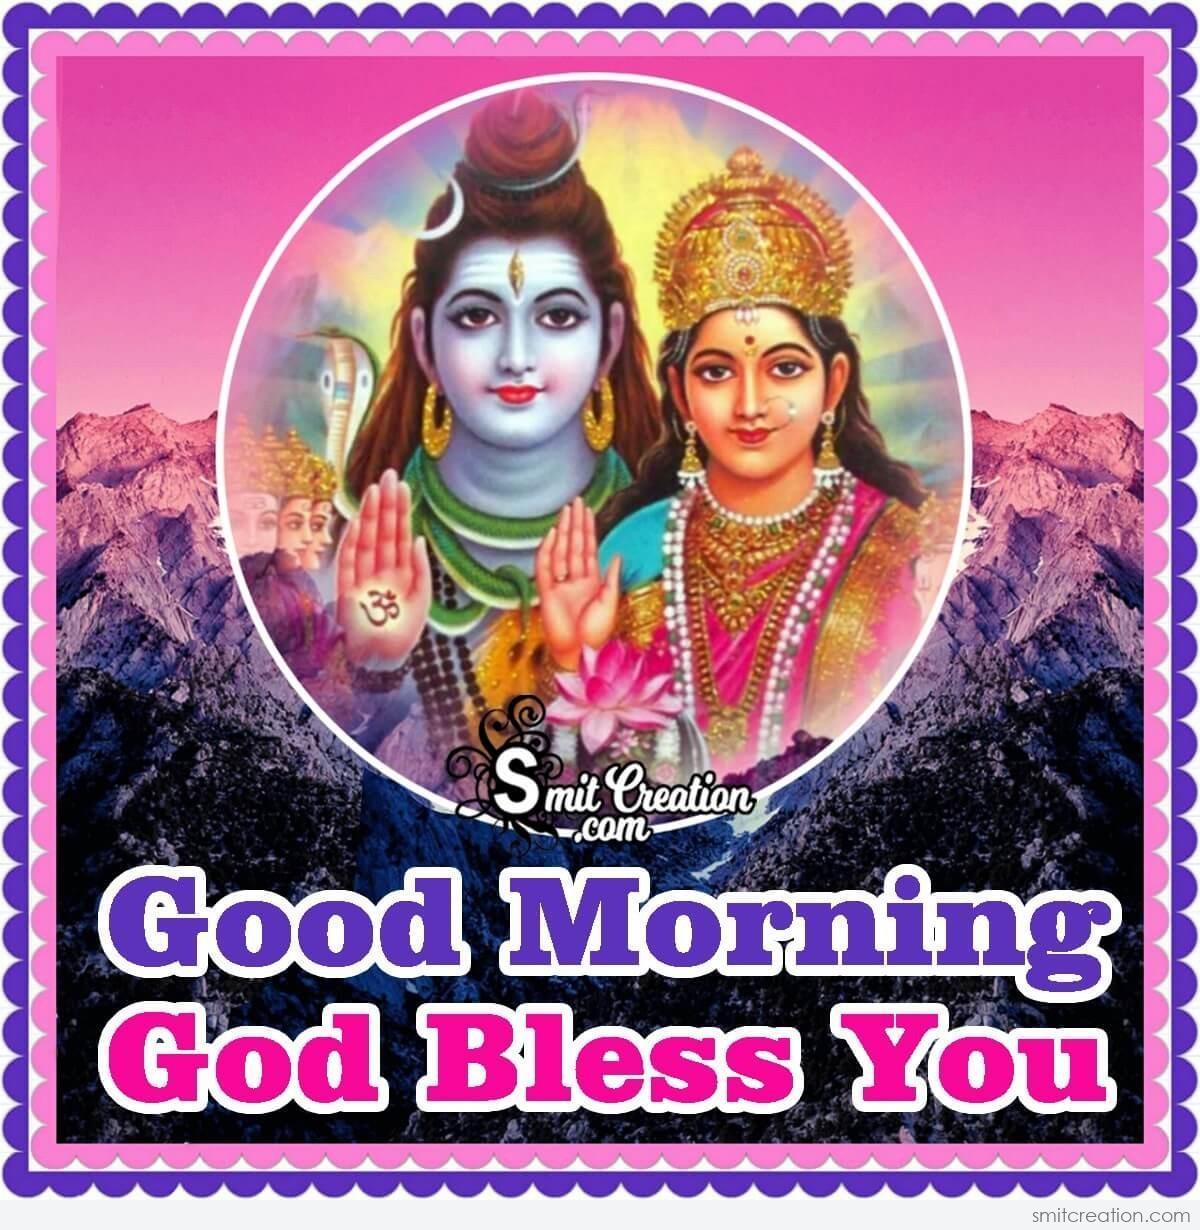 Good Morning God Bless You Shiv Parvati Image Smitcreation Com